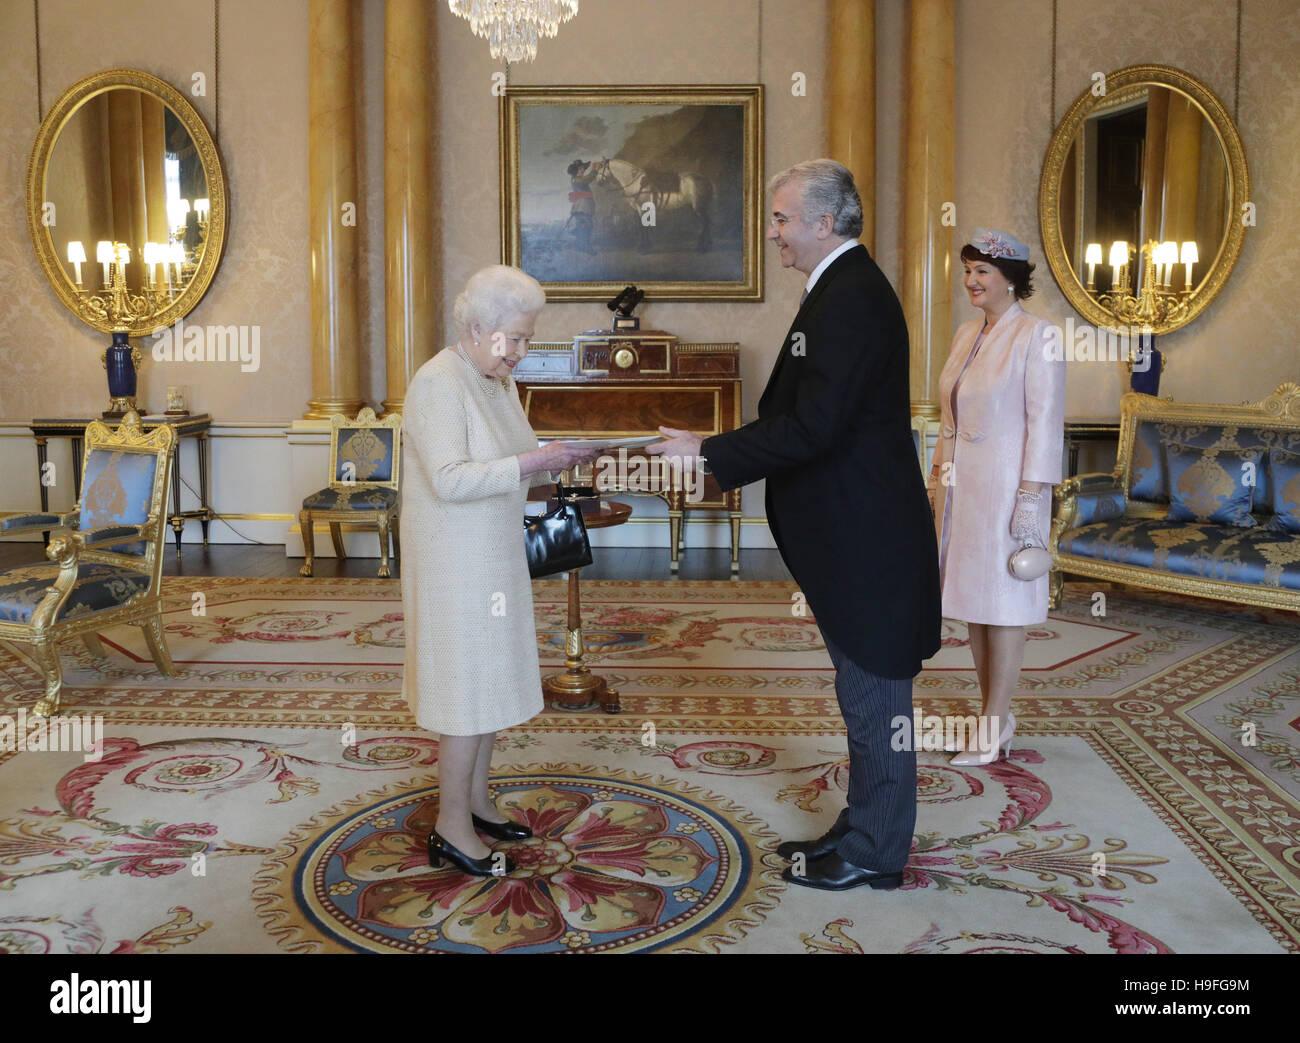 La reine Elizabeth II avec Qirjako Qirko, Ambassadeur de la République d'Albanie dans le Royaume-Uni et Photo Stock